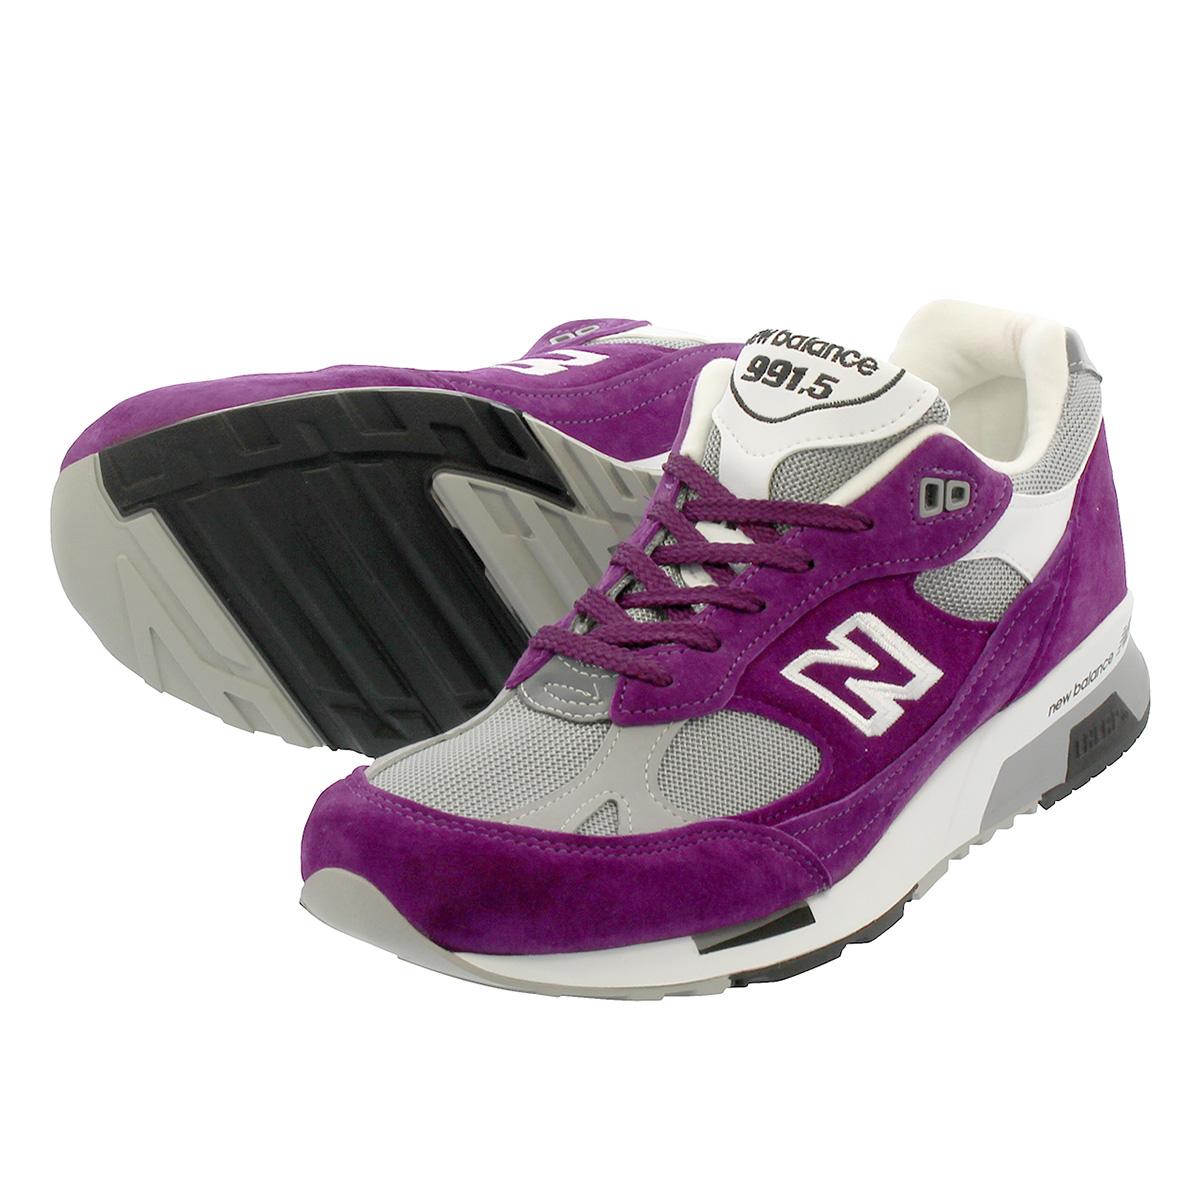 【お買い物マラソンSALE】 NEW BALANCE M9915CC 【MADE in U.K】 【Dワイズ】 ニューバランス M9915CC PURPLE/GRAY